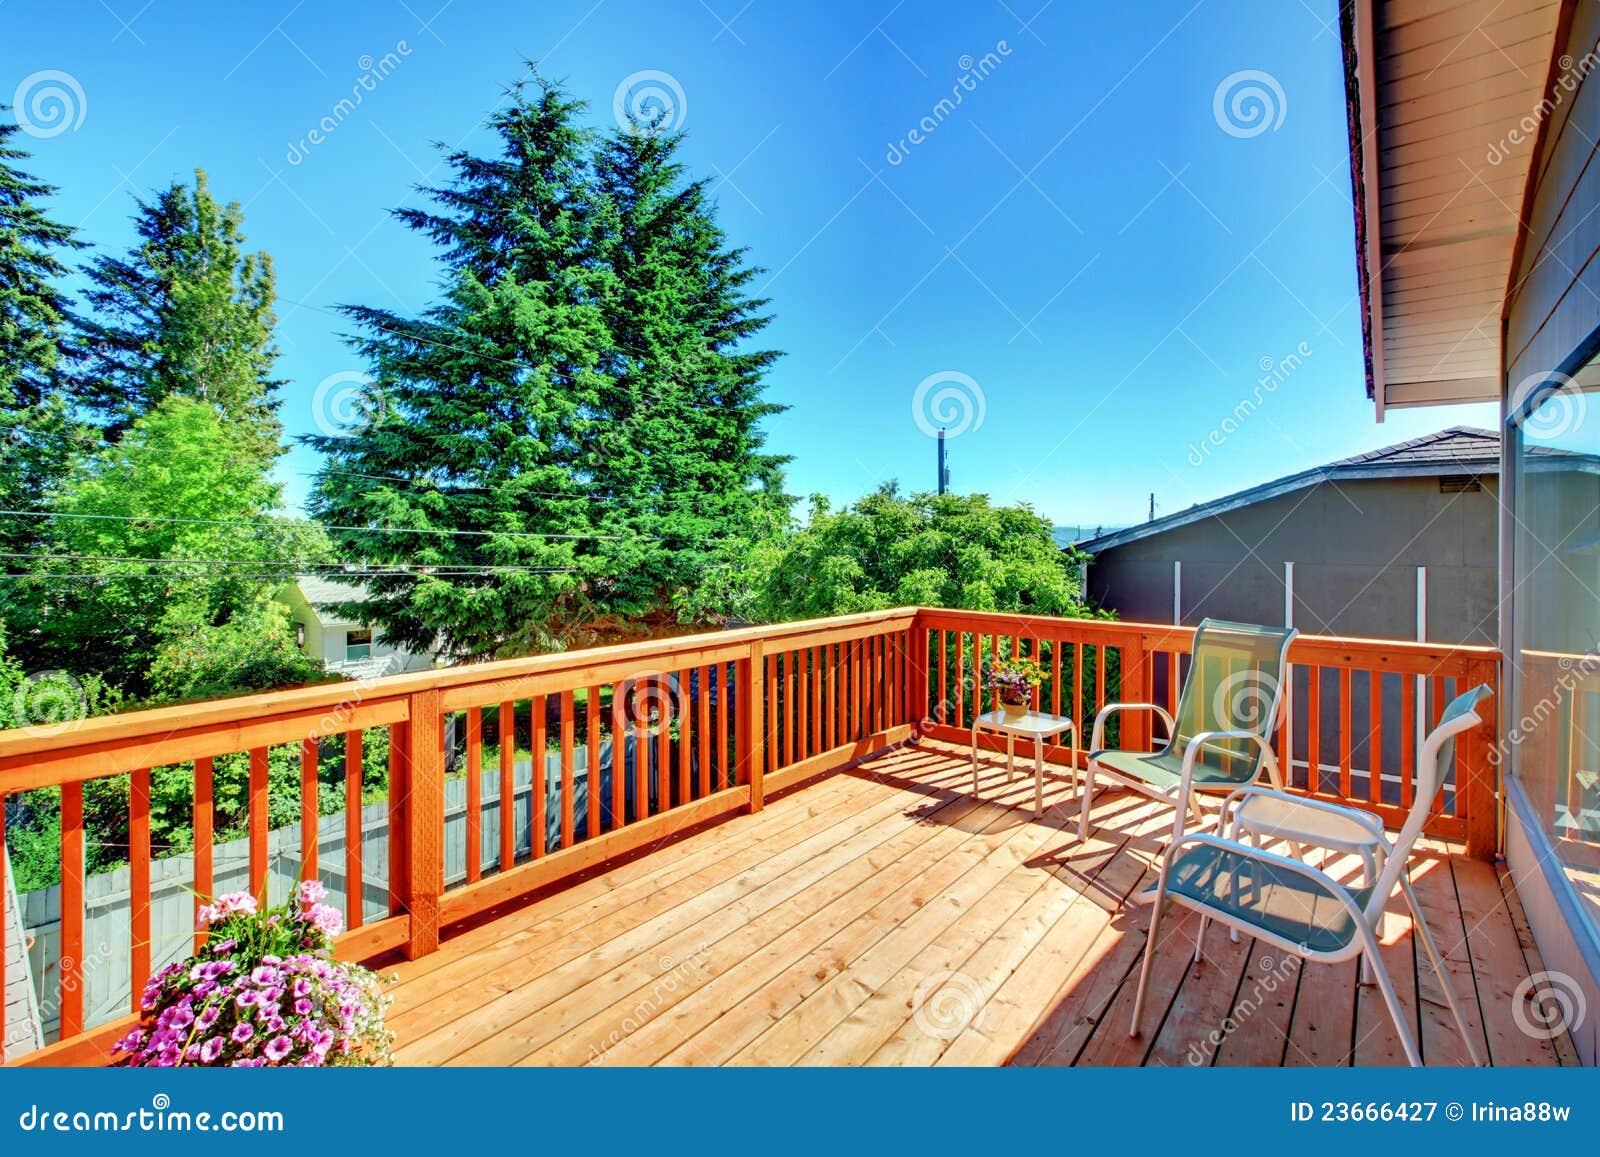 Большой новый деревянный экстерьер дома палубы с стулами.